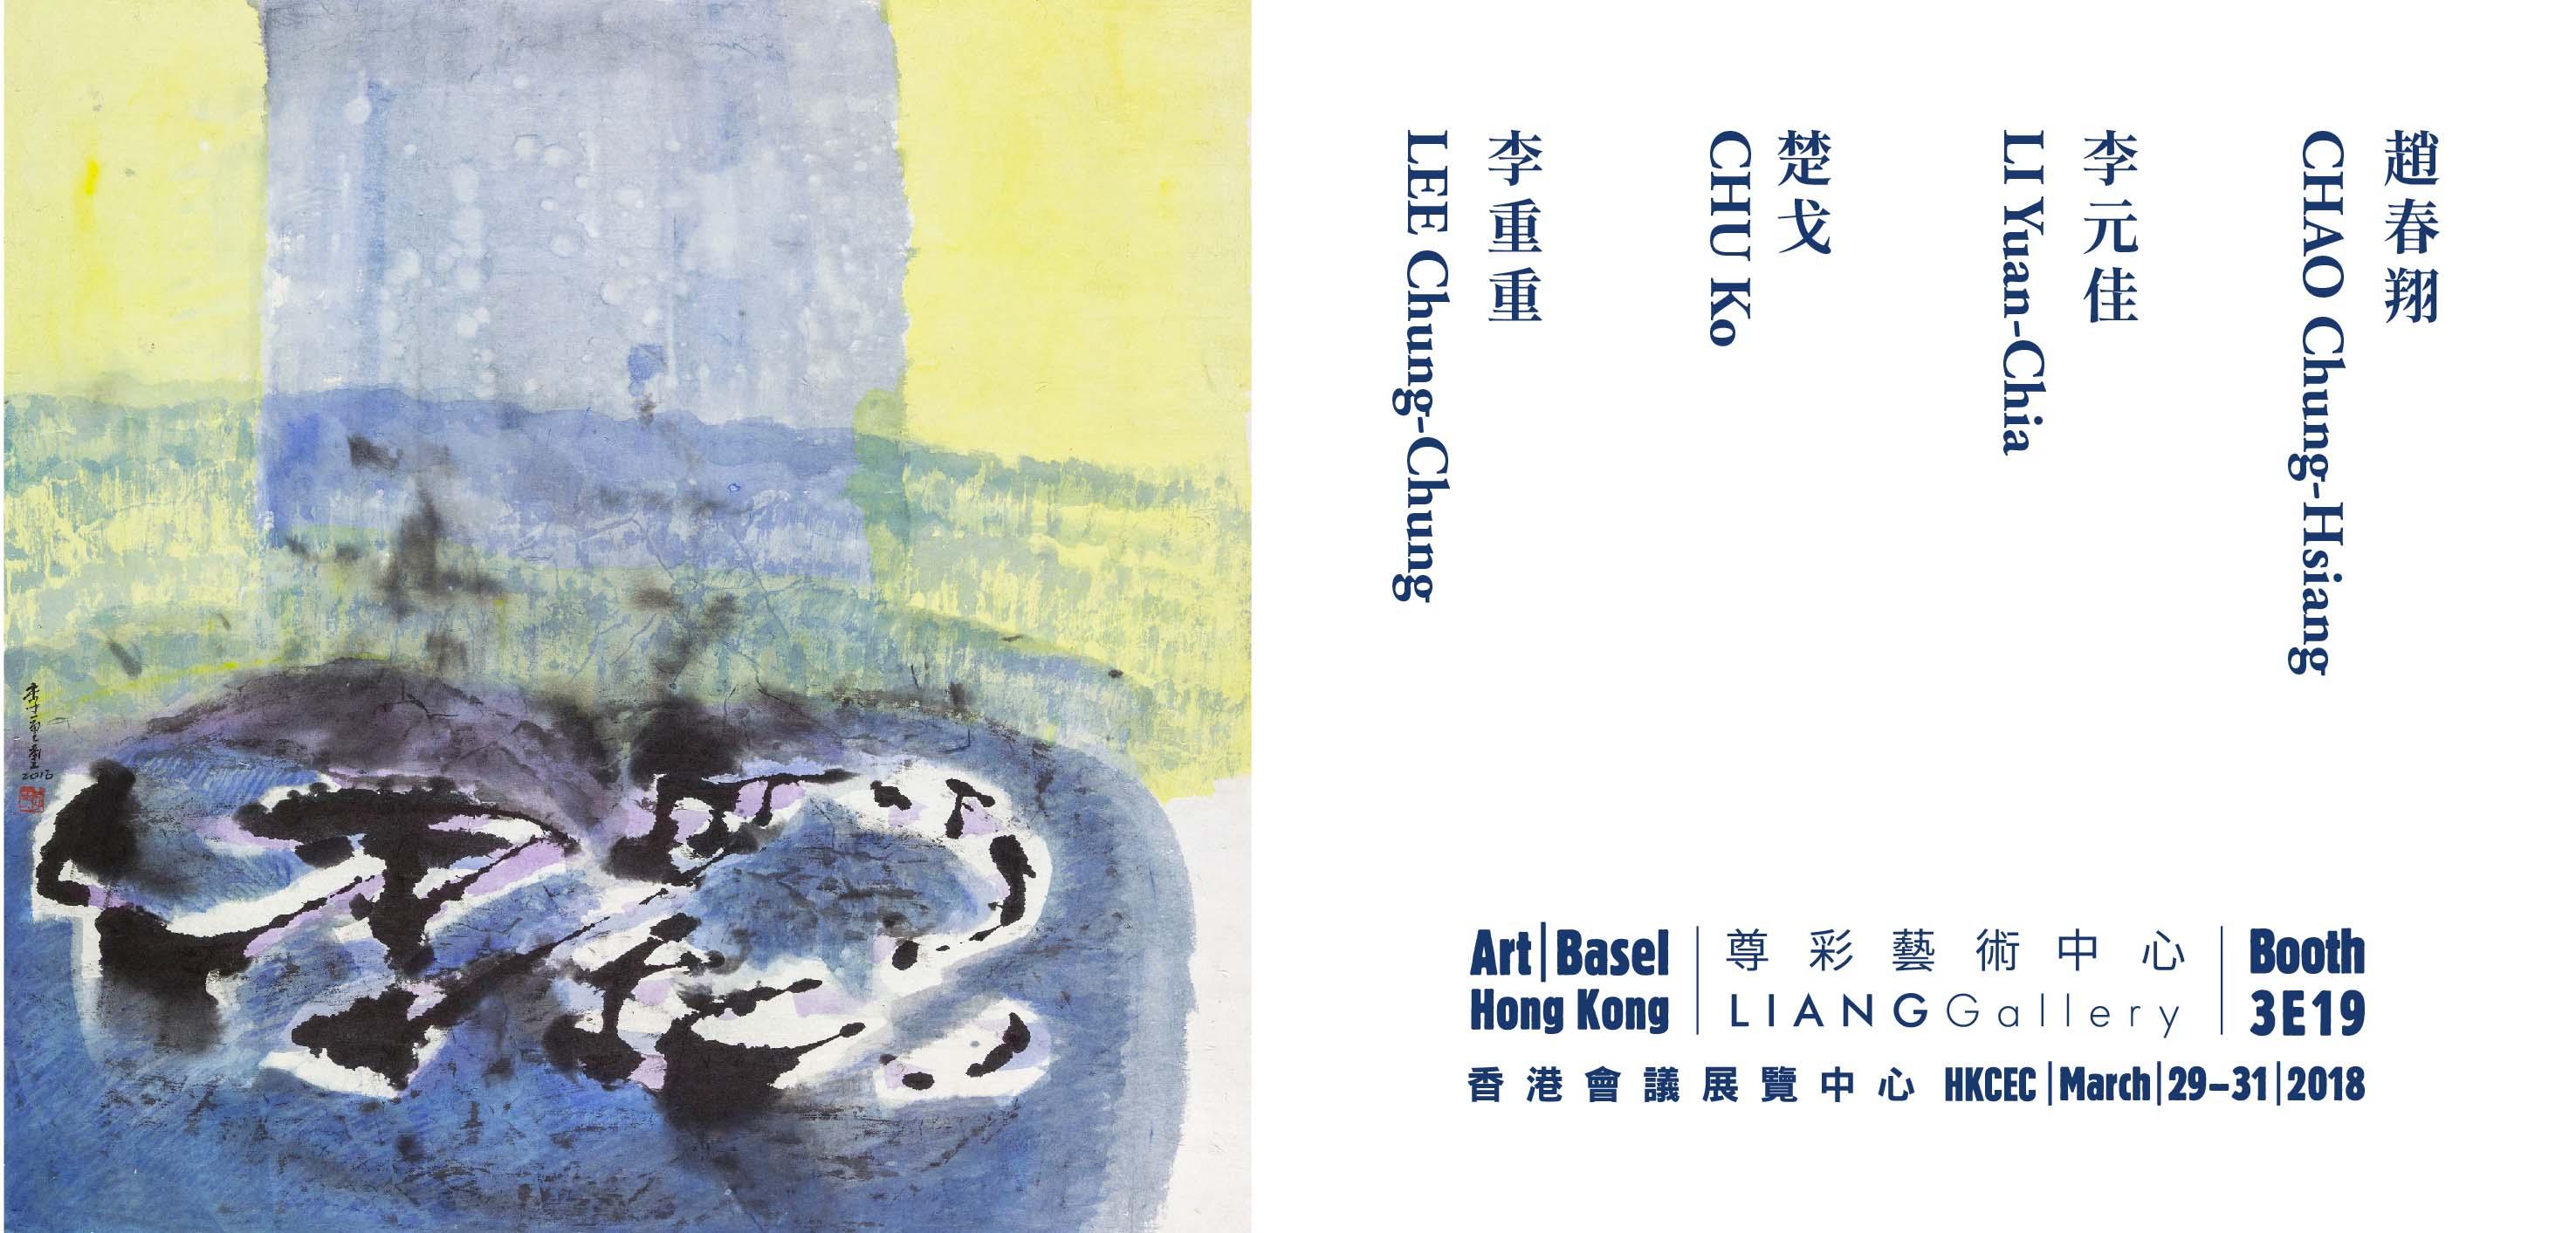 2018 香港巴塞尔艺术展 — 艺廊荟萃